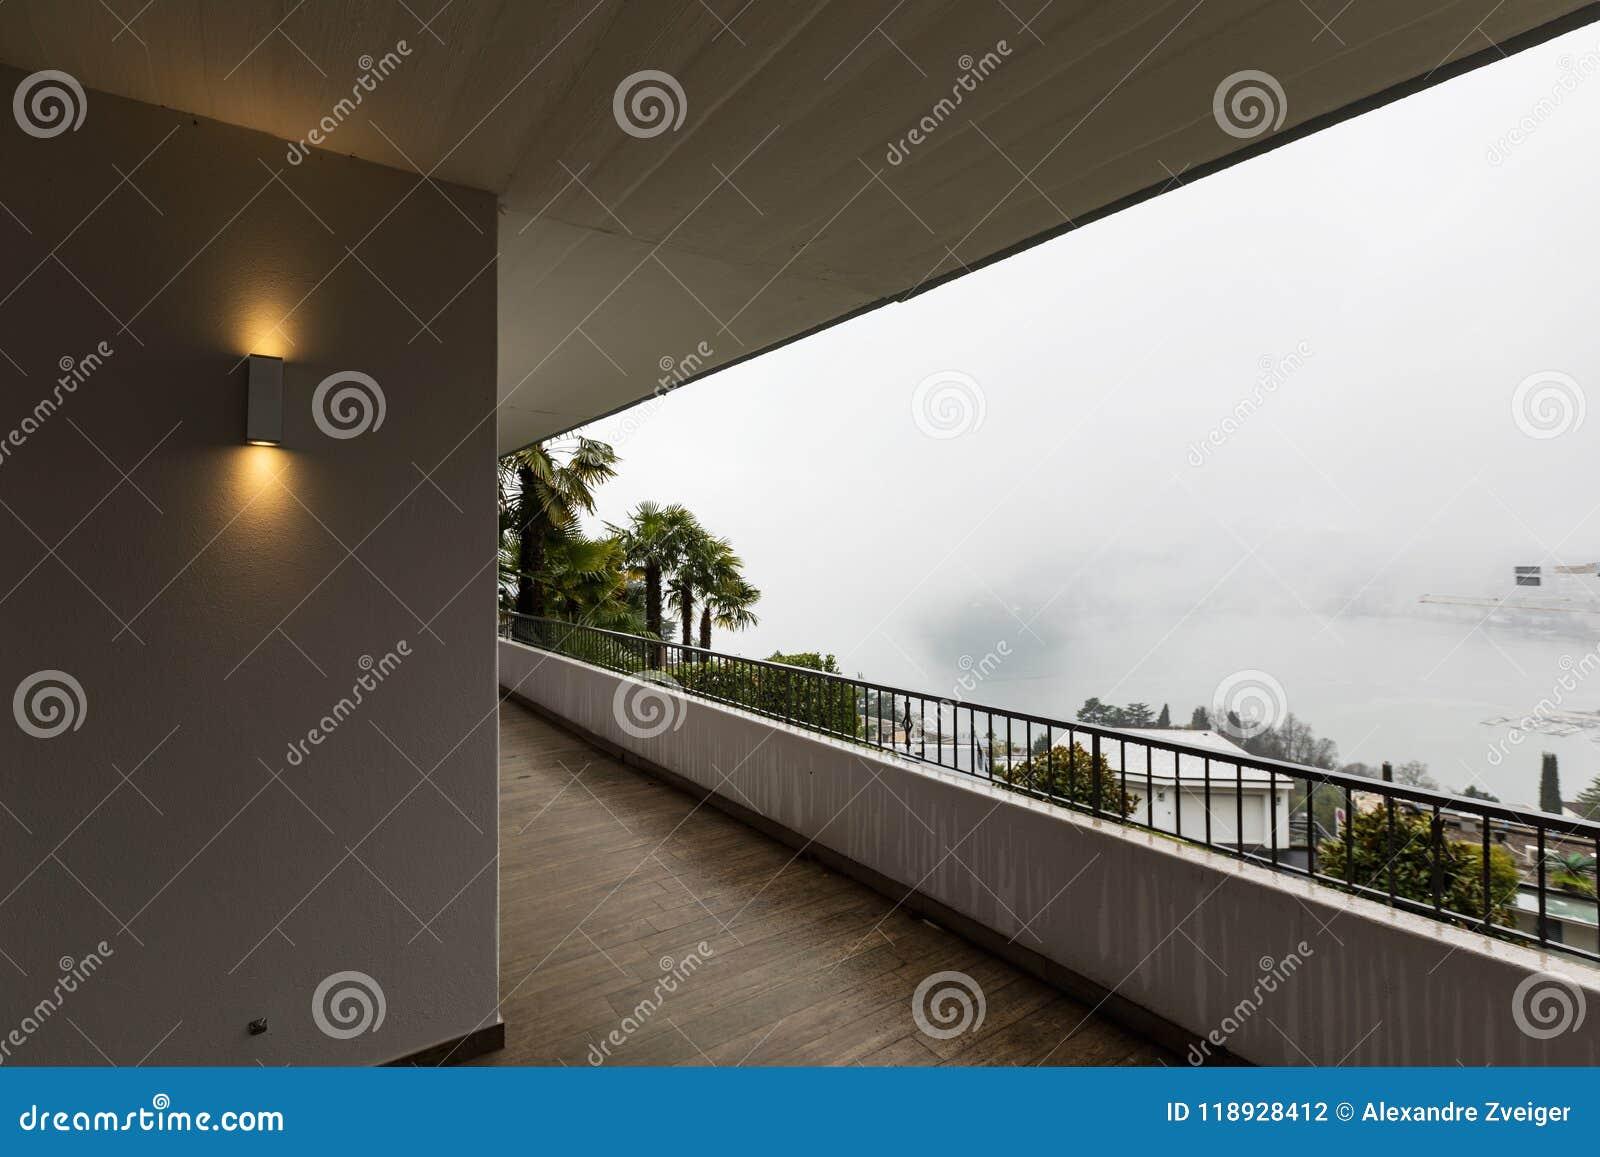 Esterno del terrazzo con nessuno intorno